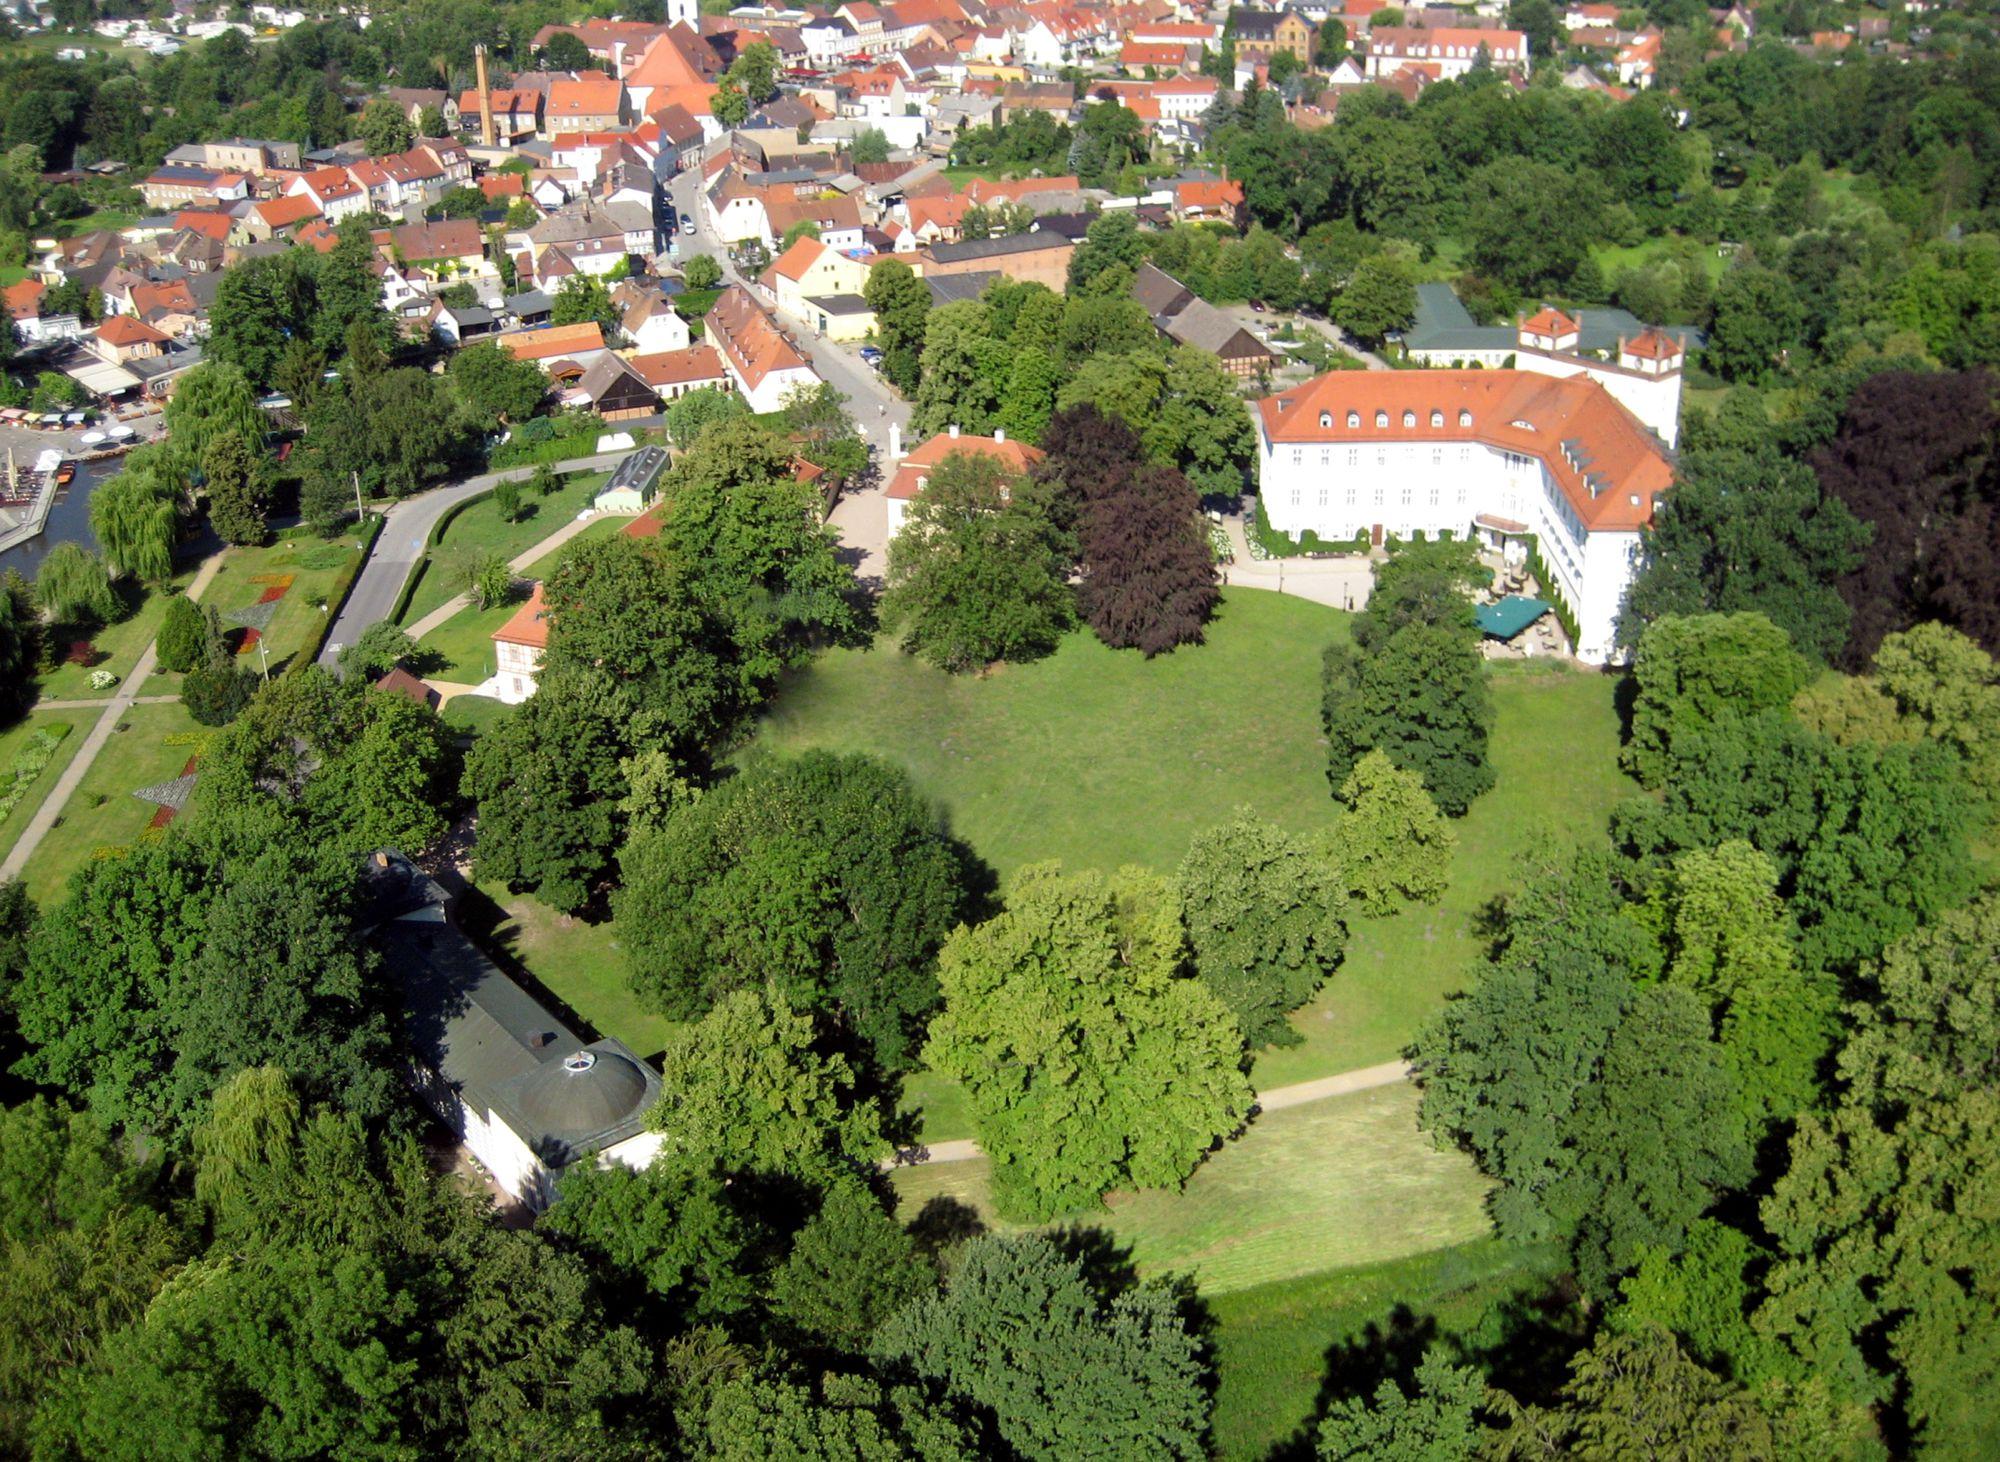 Spreewald erleben - Schloss Brandenburg - Kurzurlaub Spreewald - Schloss Lübbenau im Spreewald